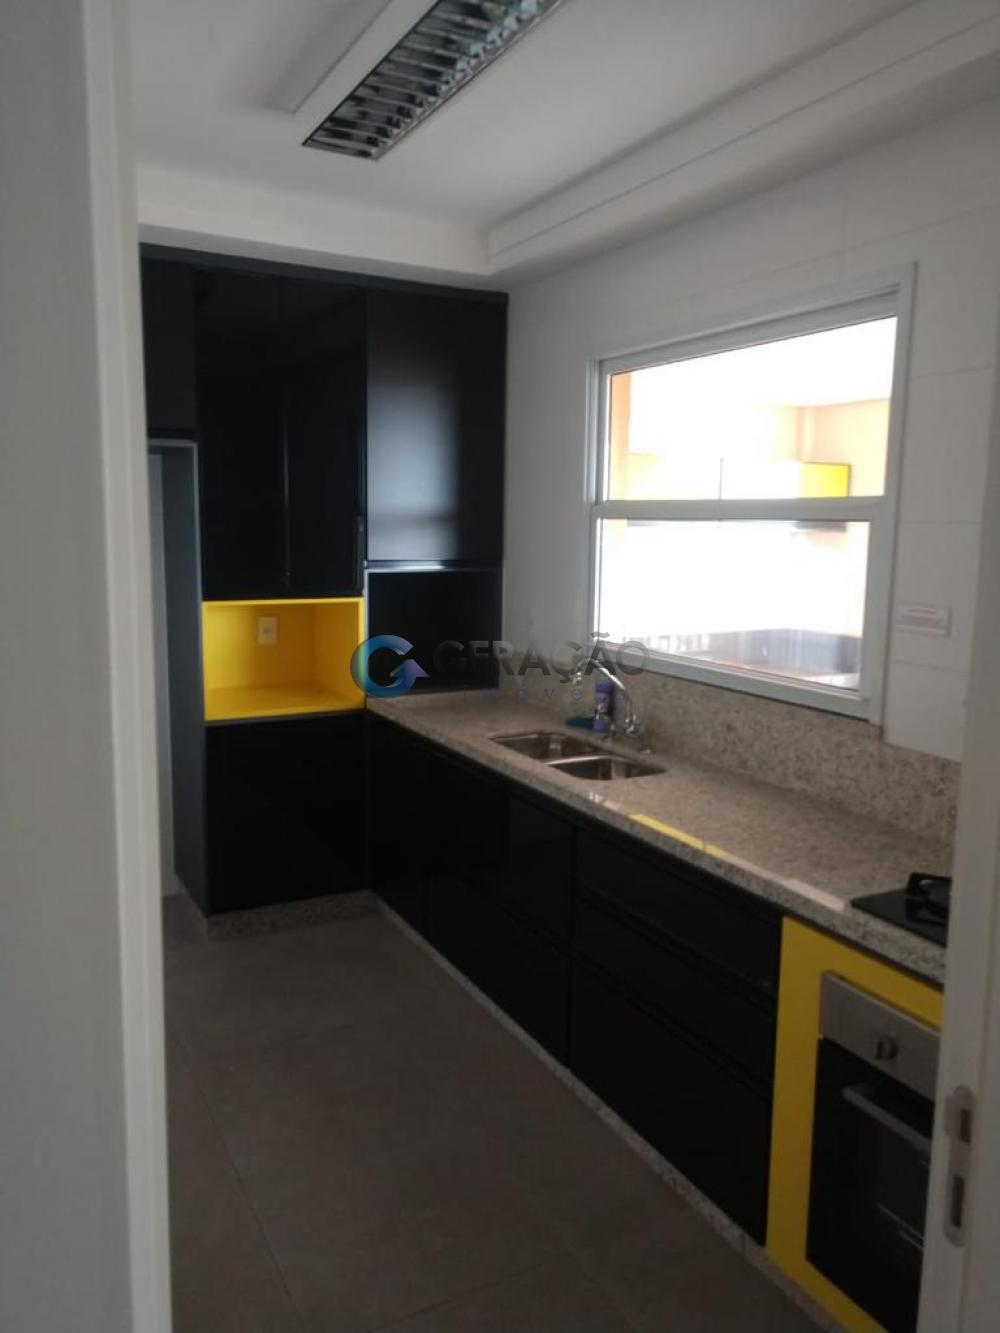 Comprar Apartamento / Padrão em Piracicaba apenas R$ 700.000,00 - Foto 5